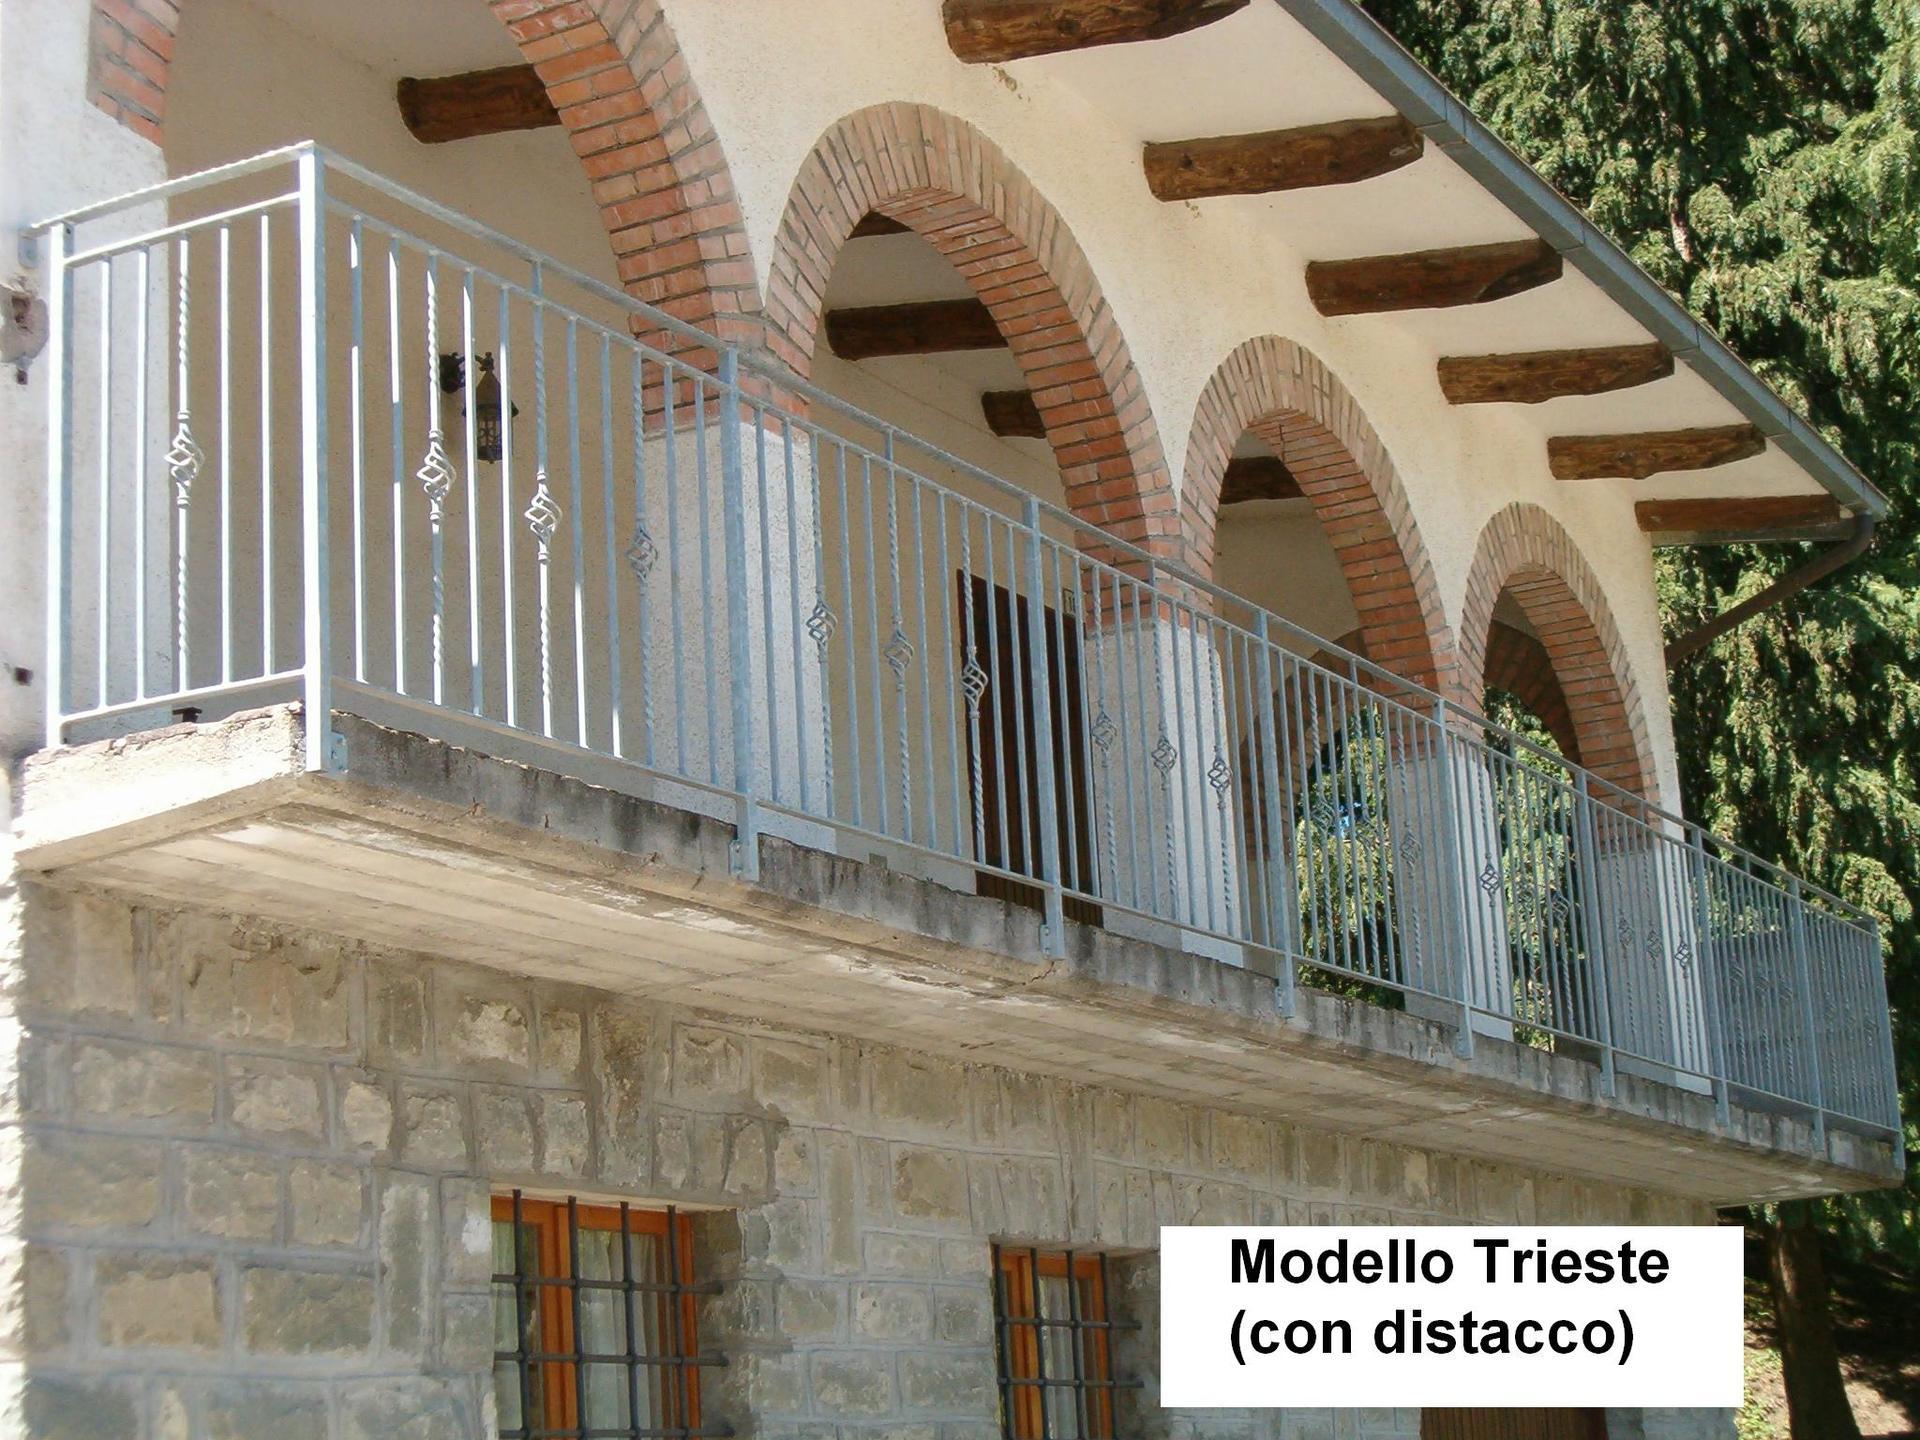 vista laterale di una casa con ringhiera in balcone di una casa Modello Trieste